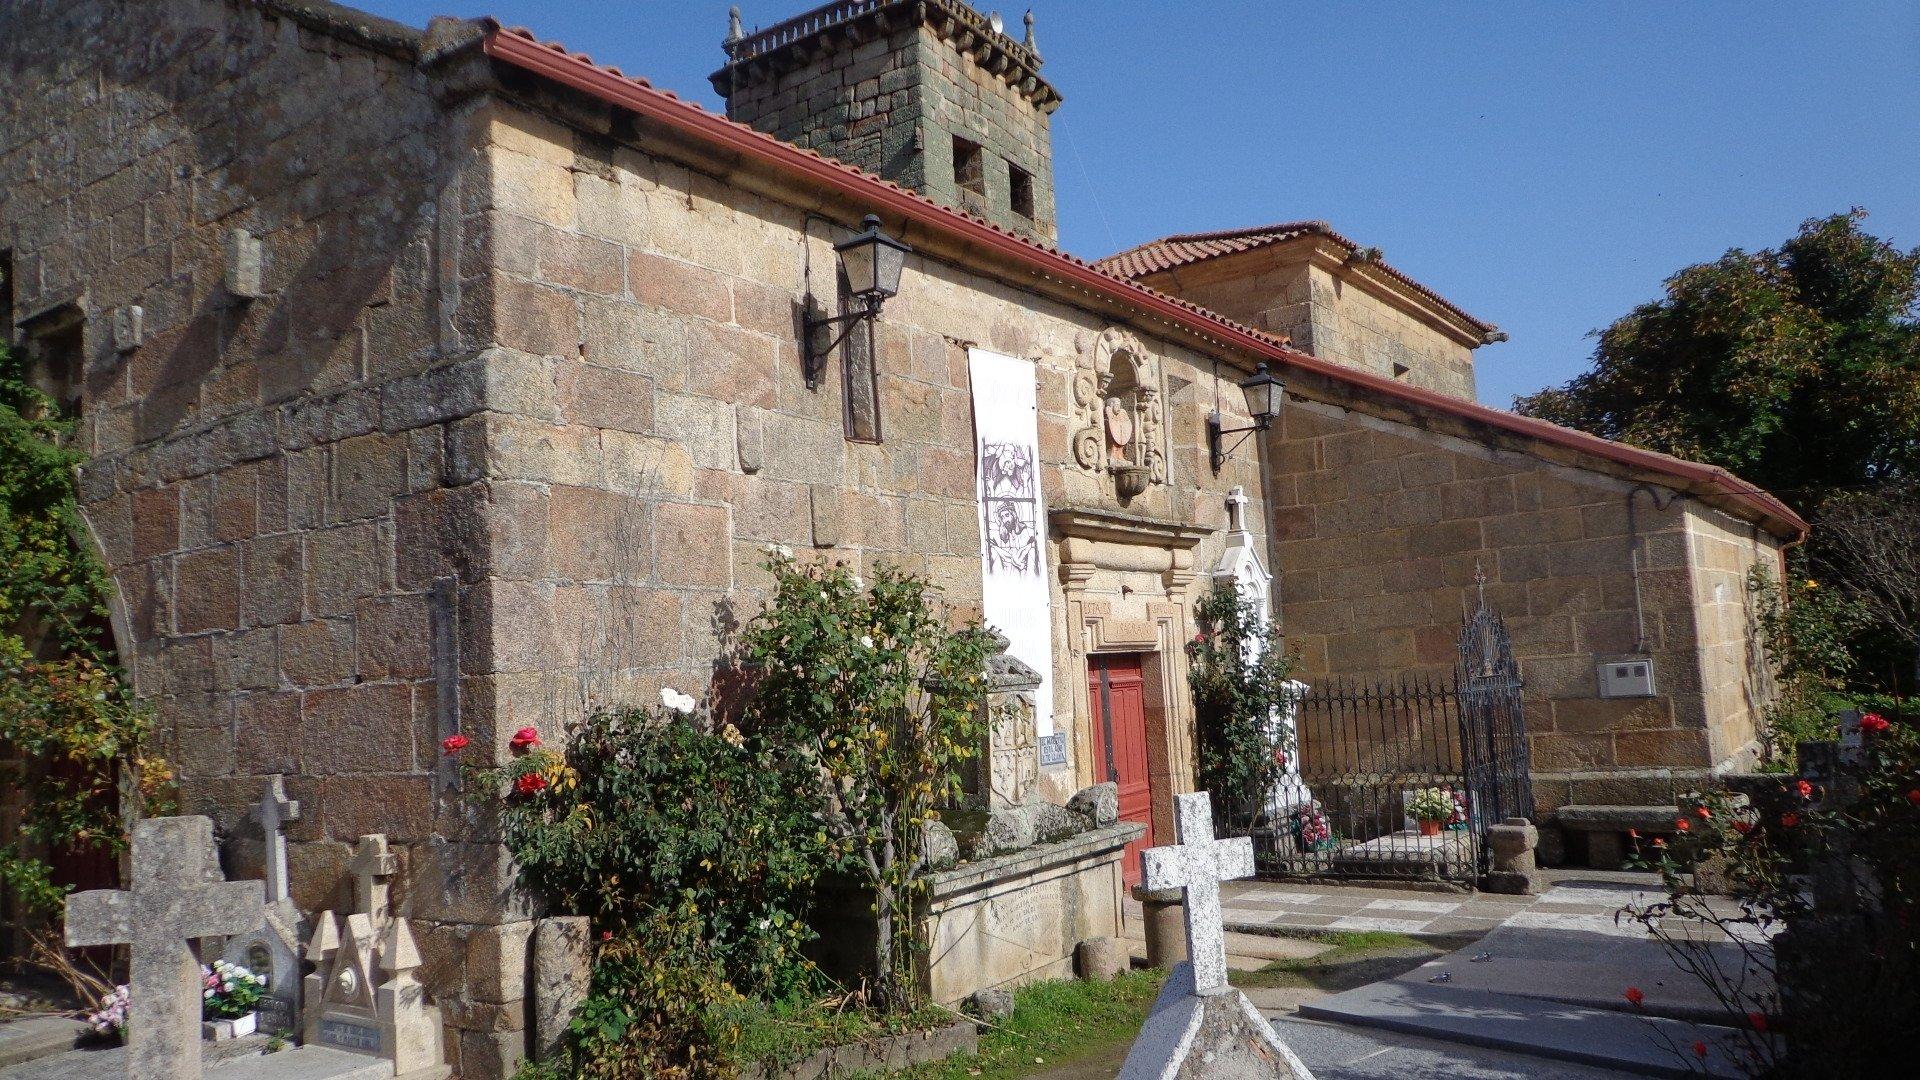 http://www.laregion.es/media/laregion/images/2014/10/22/2014102207164552345.jpg